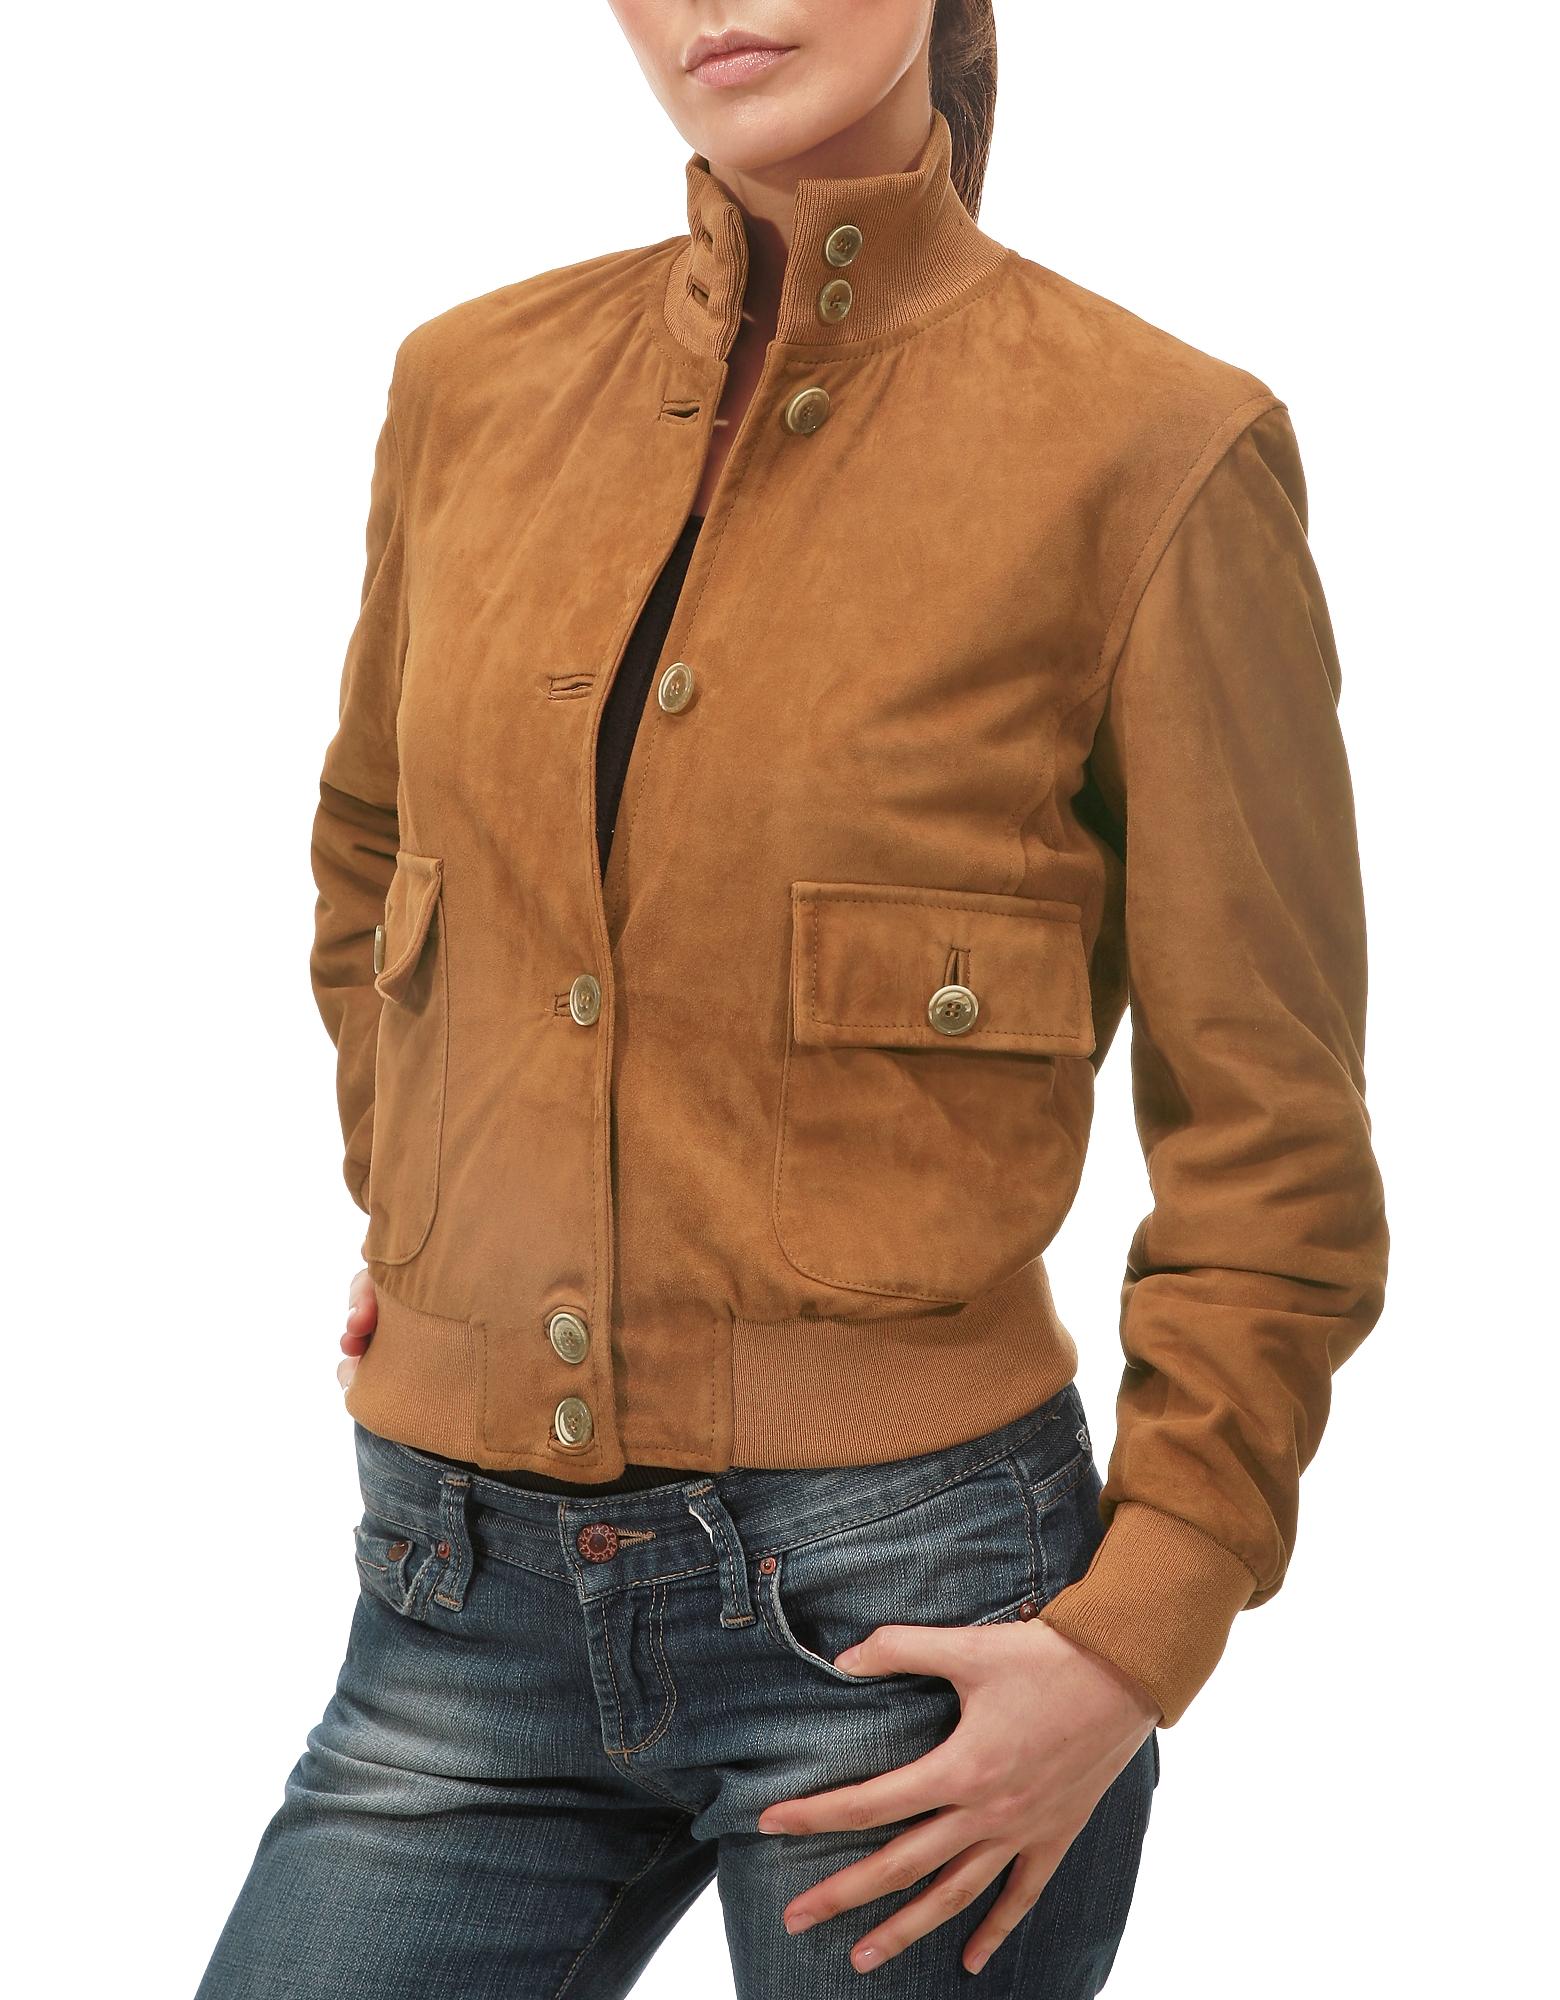 Итальянская Женская Замшевая Куртка Цвета Загара с Двумя Карманами